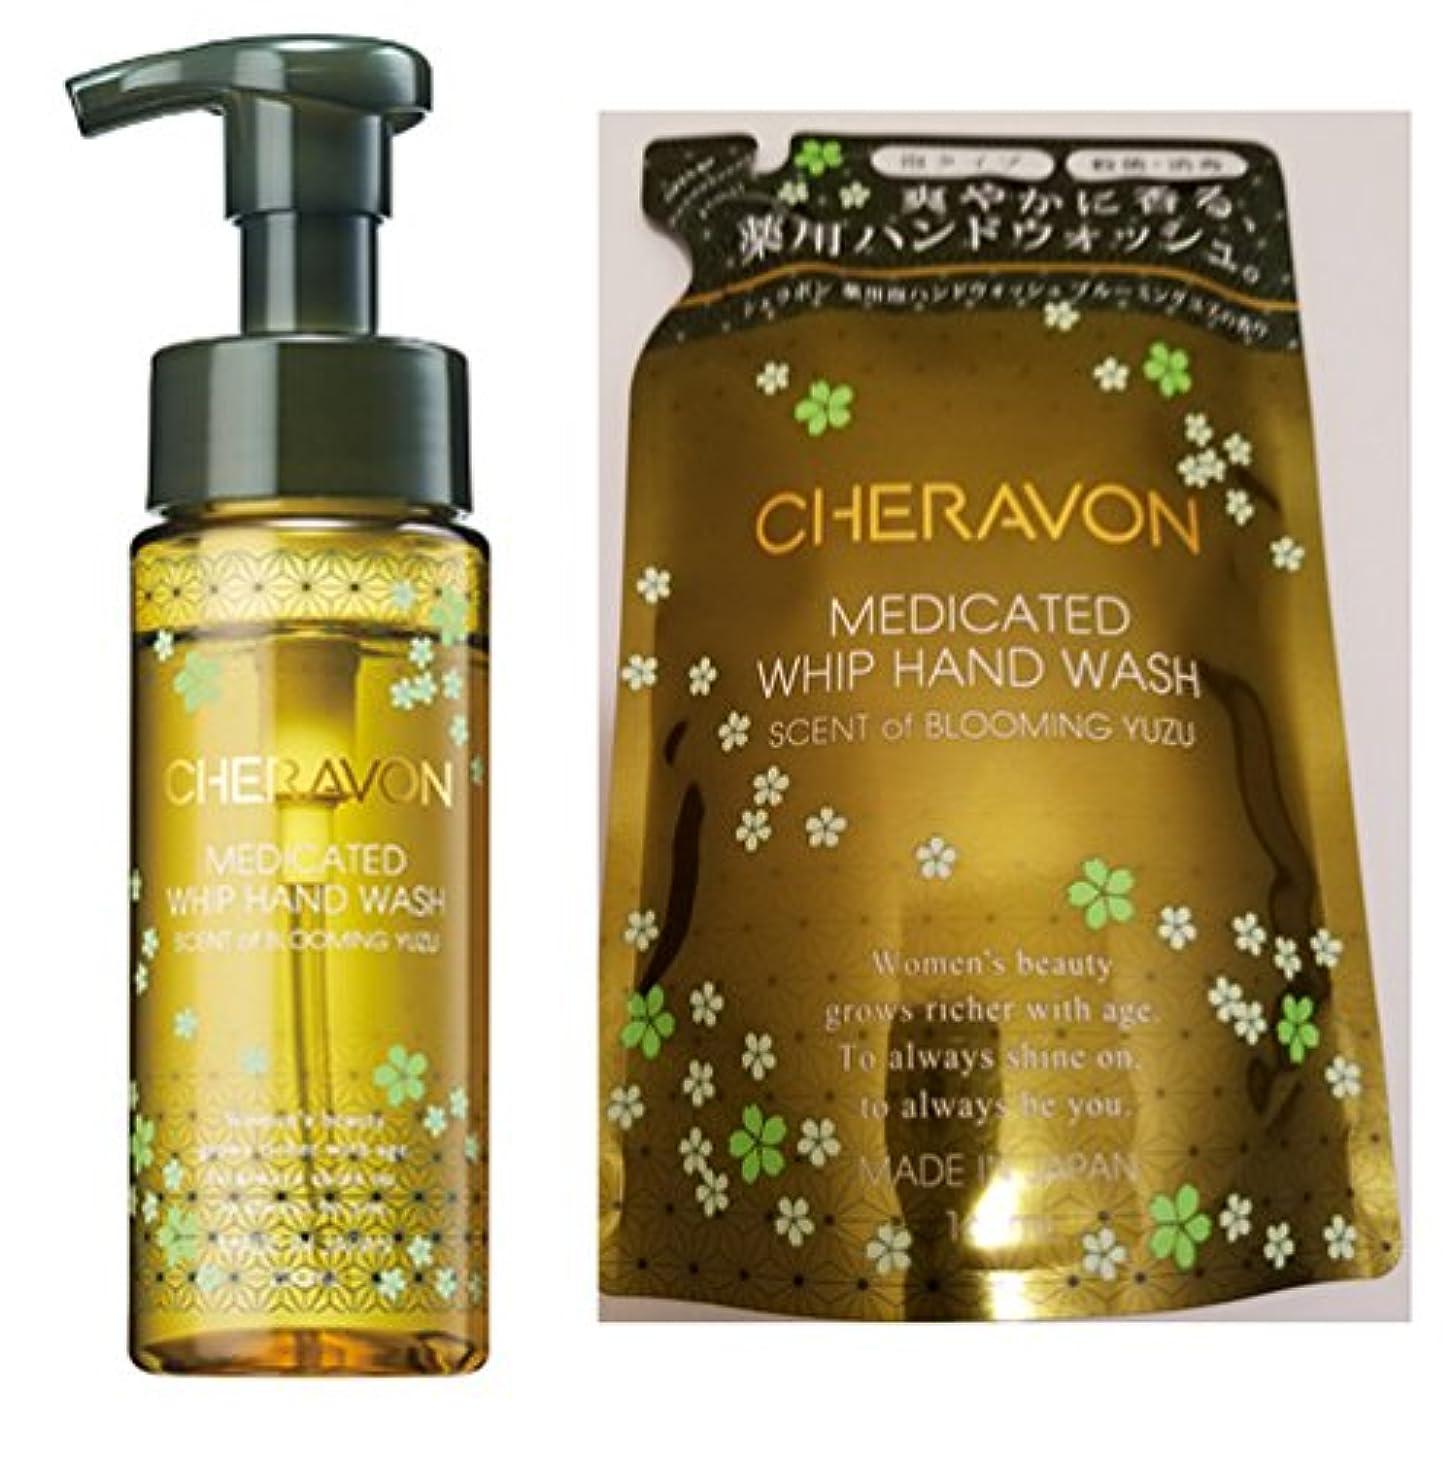 許される薬伝染性シェラボン 薬用泡 ハンドウォッシュ ブルーミング ゆずの香り セット(本体+レフィル お得な限定セット) CHERAVON